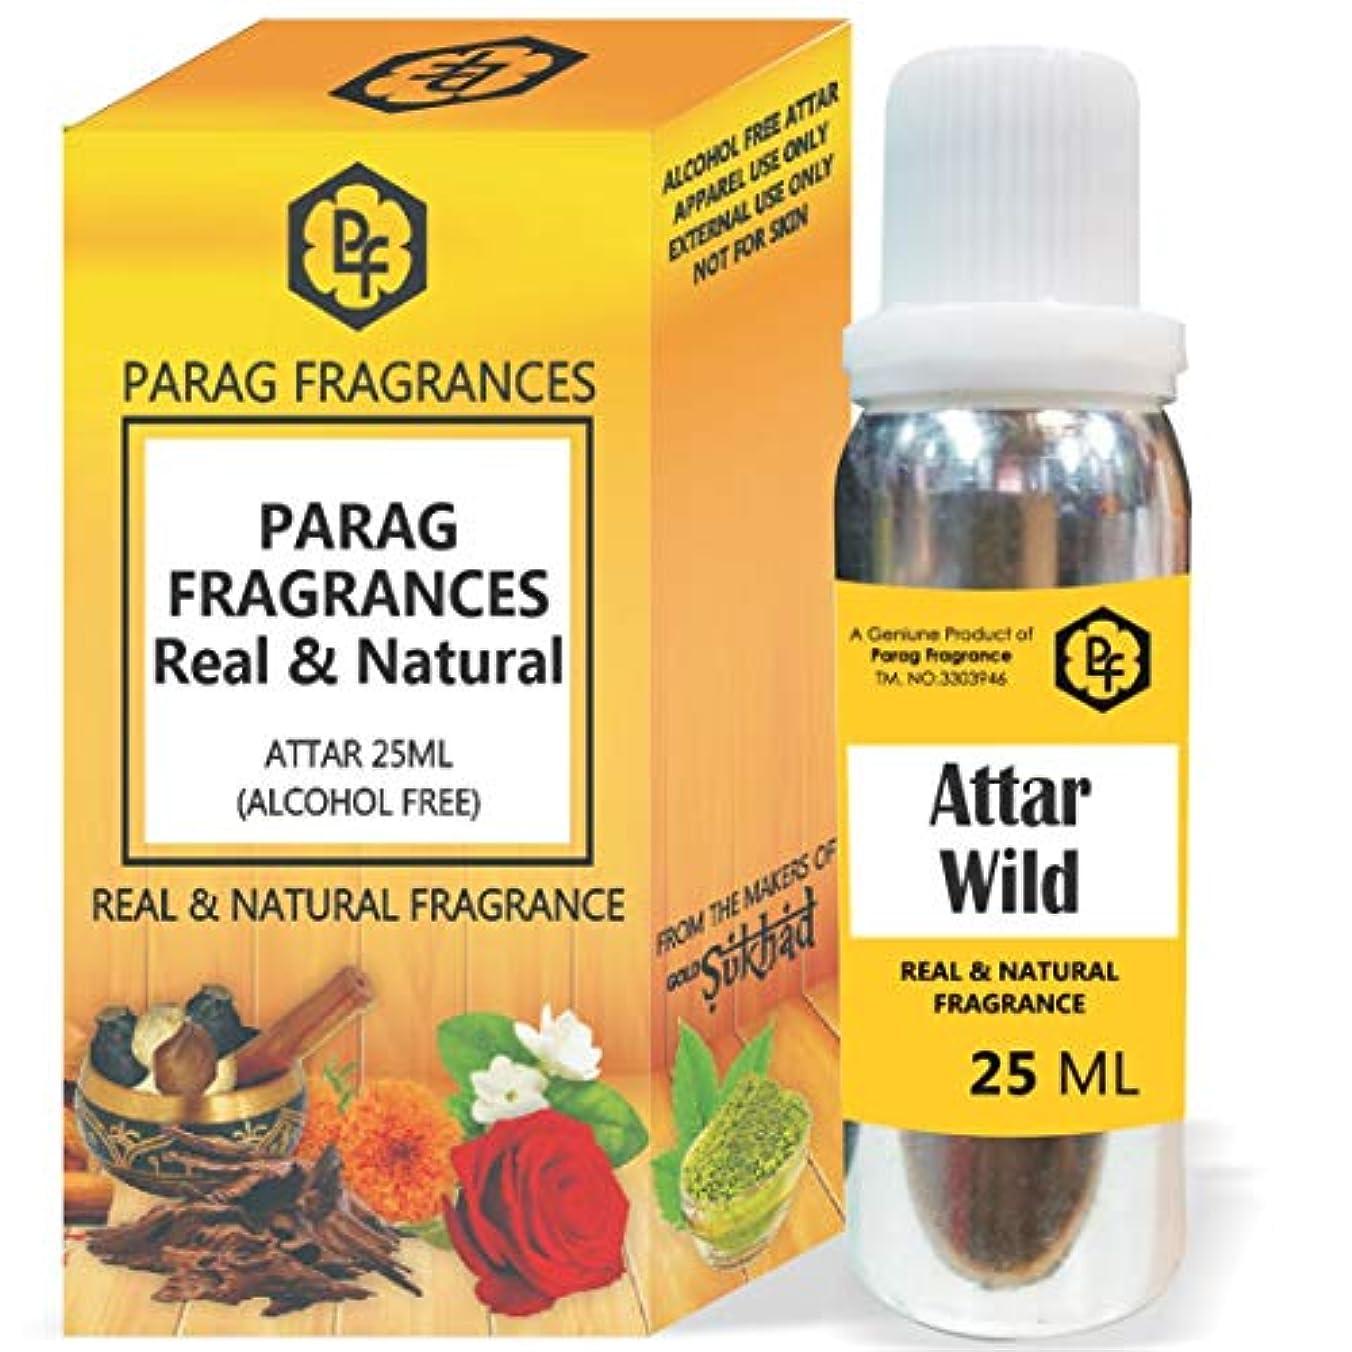 集団的塩対抗50/100/200/500パック内の他のエディションファンシー空き瓶(アルコールフリー、ロングラスティング、自然アター)でParagフレグランス25ミリリットルワイルドアター